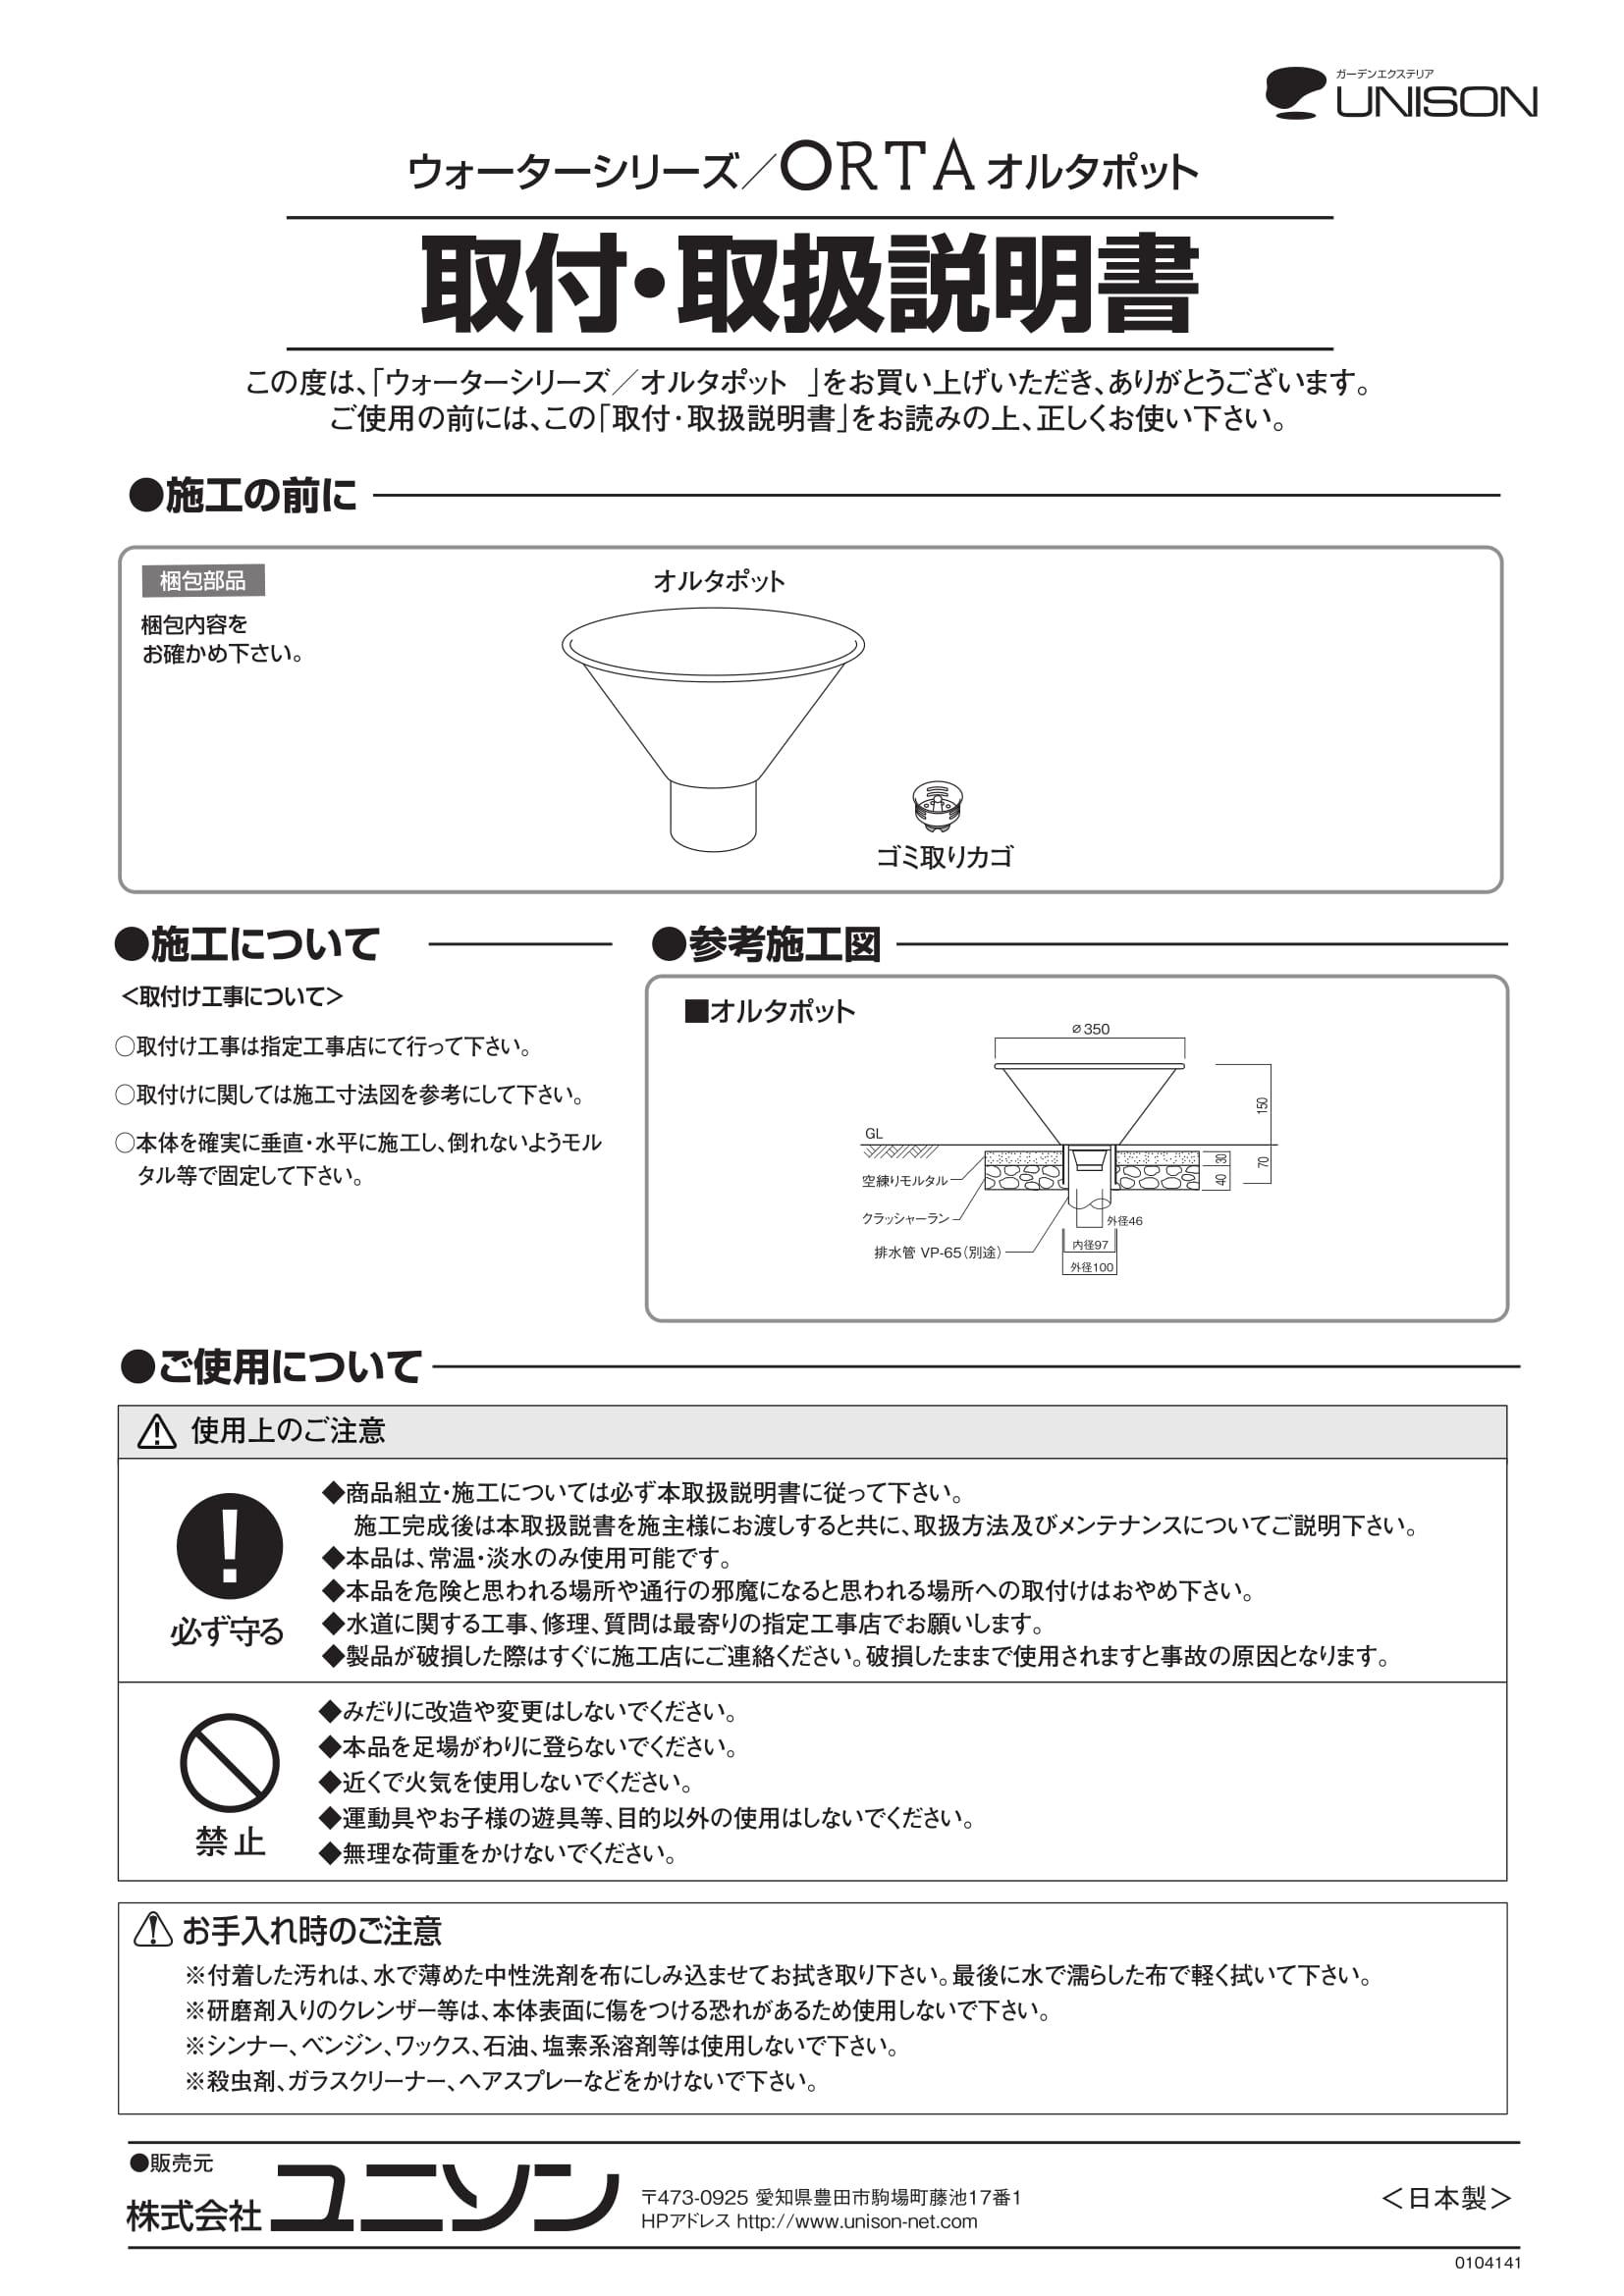 オルタポット_取扱説明書-1